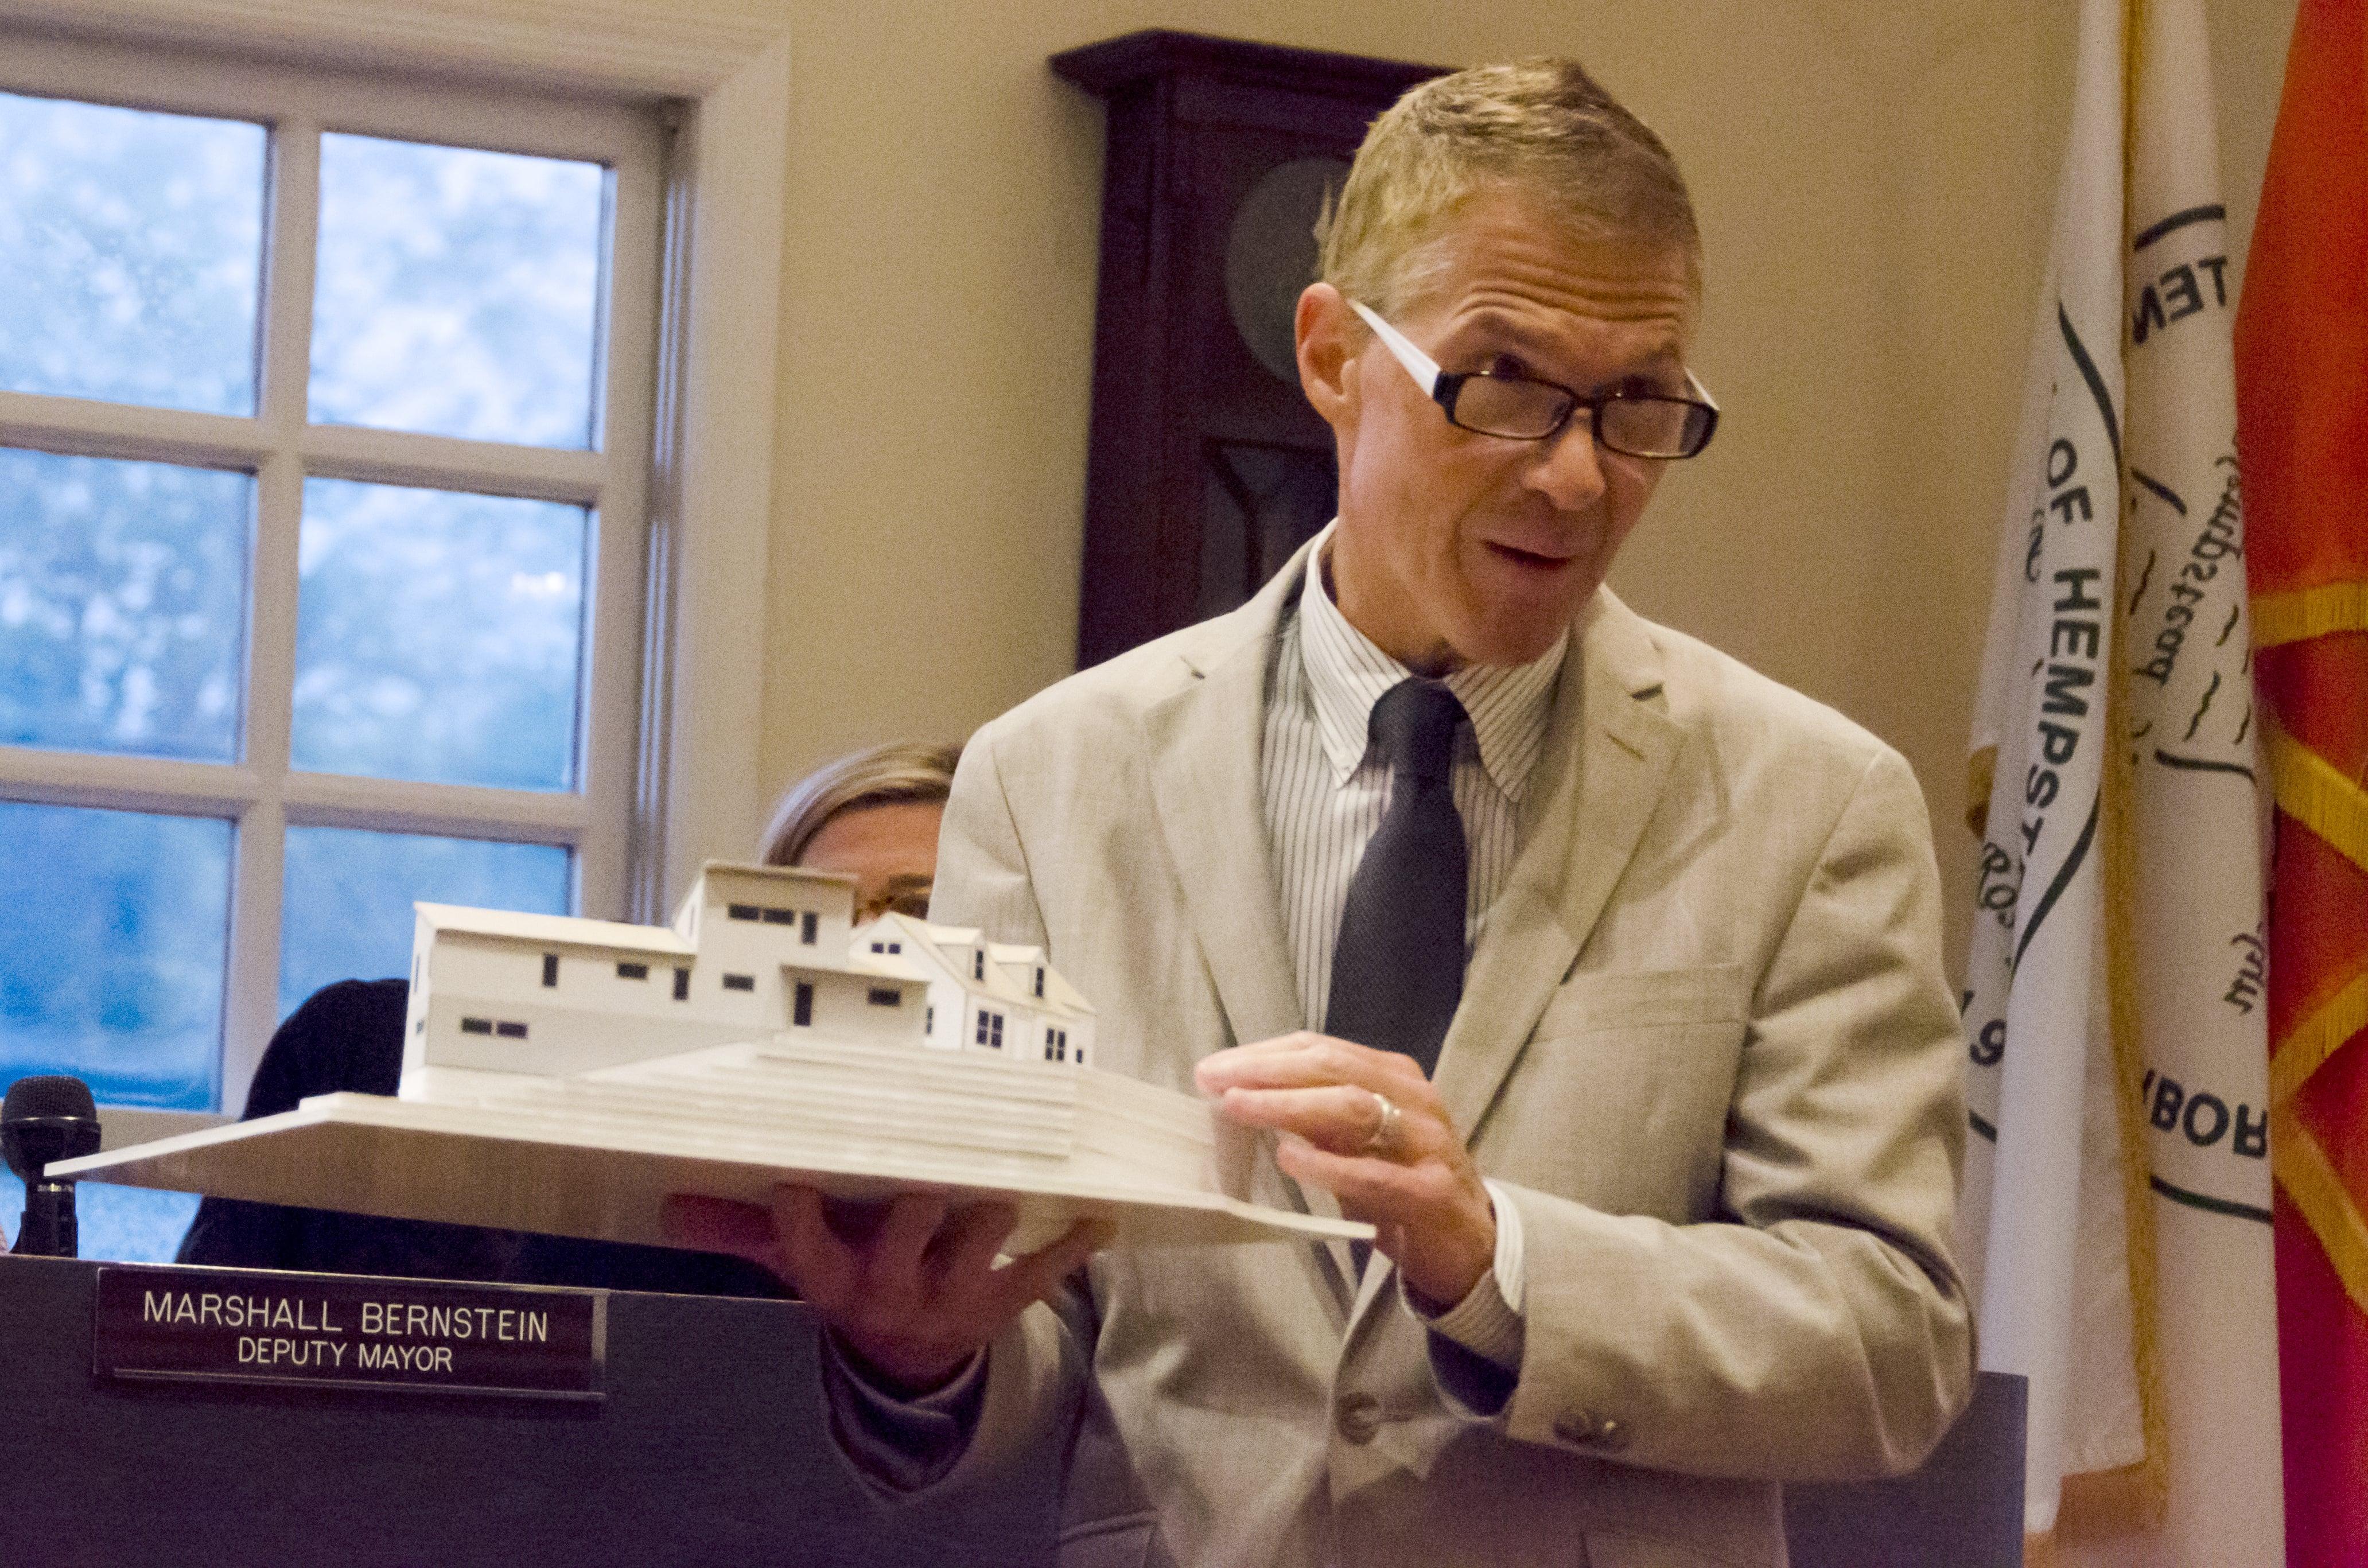 Village of Roslyn trustee's proposal sparks debate